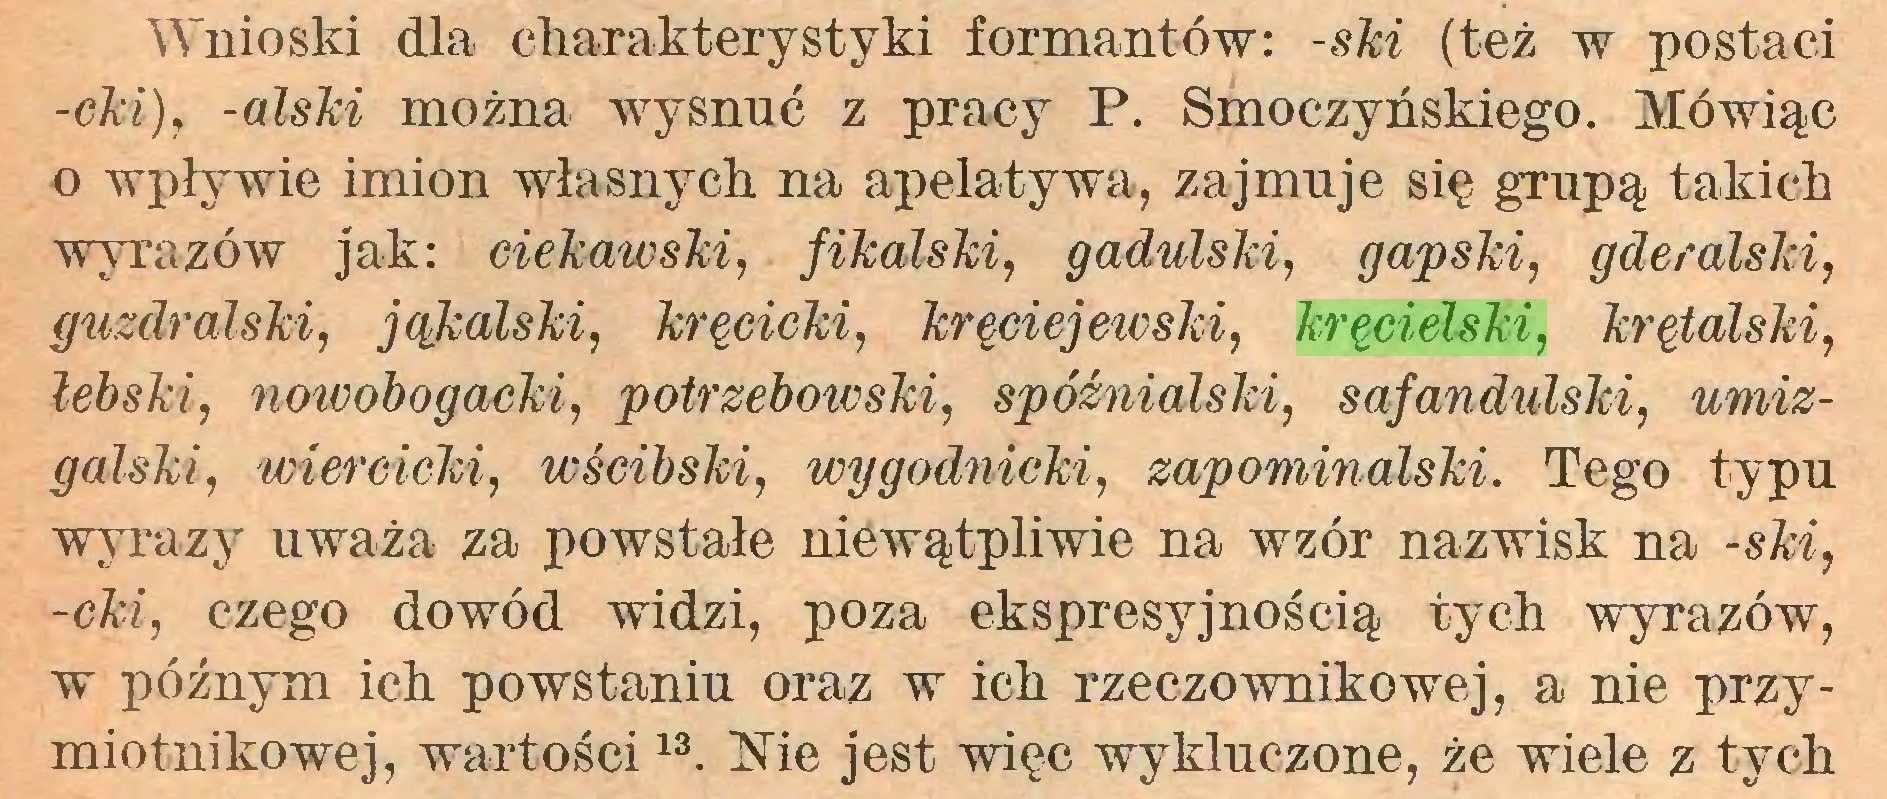 (...) Wnioski dla charakterystyki formantów: -ski (też w postaci -cki), -alski można wysnuć z pracy P. Smoczyńskiego. Mówiąc o wpływie imion własnych na apelatywa, zajmuje się grupą takich wyrazów jak: ciekawski, fikalski, gadulski, gapski, gderalski, guzdralski, jąkalski, kręcicki, kręciejewski, kręcielski, krętalski, łebski, nowobogacki, potrzebowski, spóźnialski, safandulski, umizgalski, wiercieki, wścibski, wygodnicki, zapominalski. Tego typu wyrazy uważa za powstałe niewątpliwie na wzór nazwisk na -ski, -cki, czego dowód widzi, poza ekspresyjnością tych wyrazów, w późnym ich powstaniu oraz w ich rzeczownikowej, a nie przymiotnikowej, wartości13  14. Xie jest więc wykluczone, że wiele z tych...